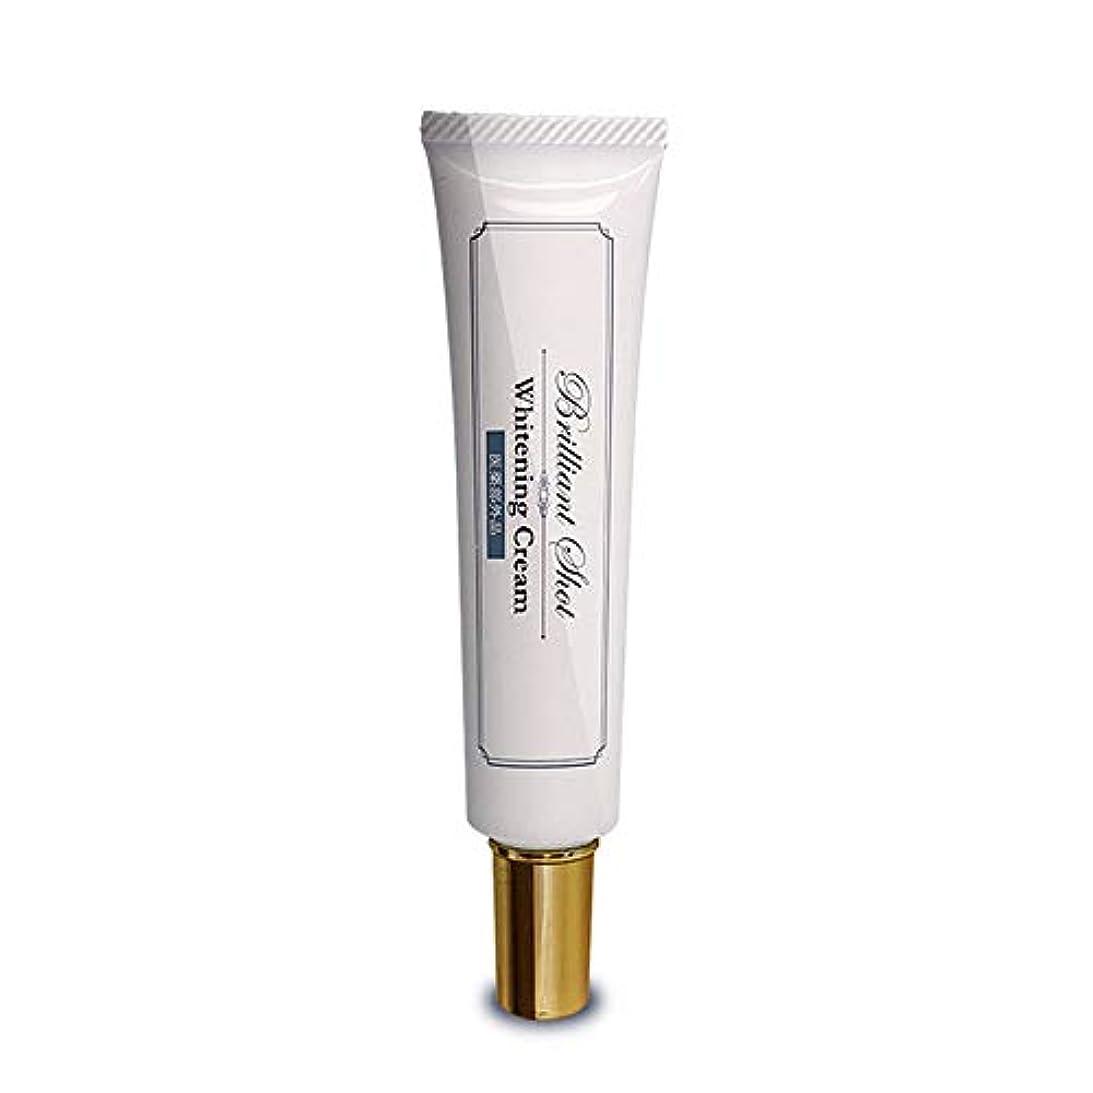 第五インシュレータこんにちは【医薬部外品】ブリリアントショット ホワイトニングクリーム Brilliant Shot Whitening Cream / クリーム スキンケア シミ 肌 美容